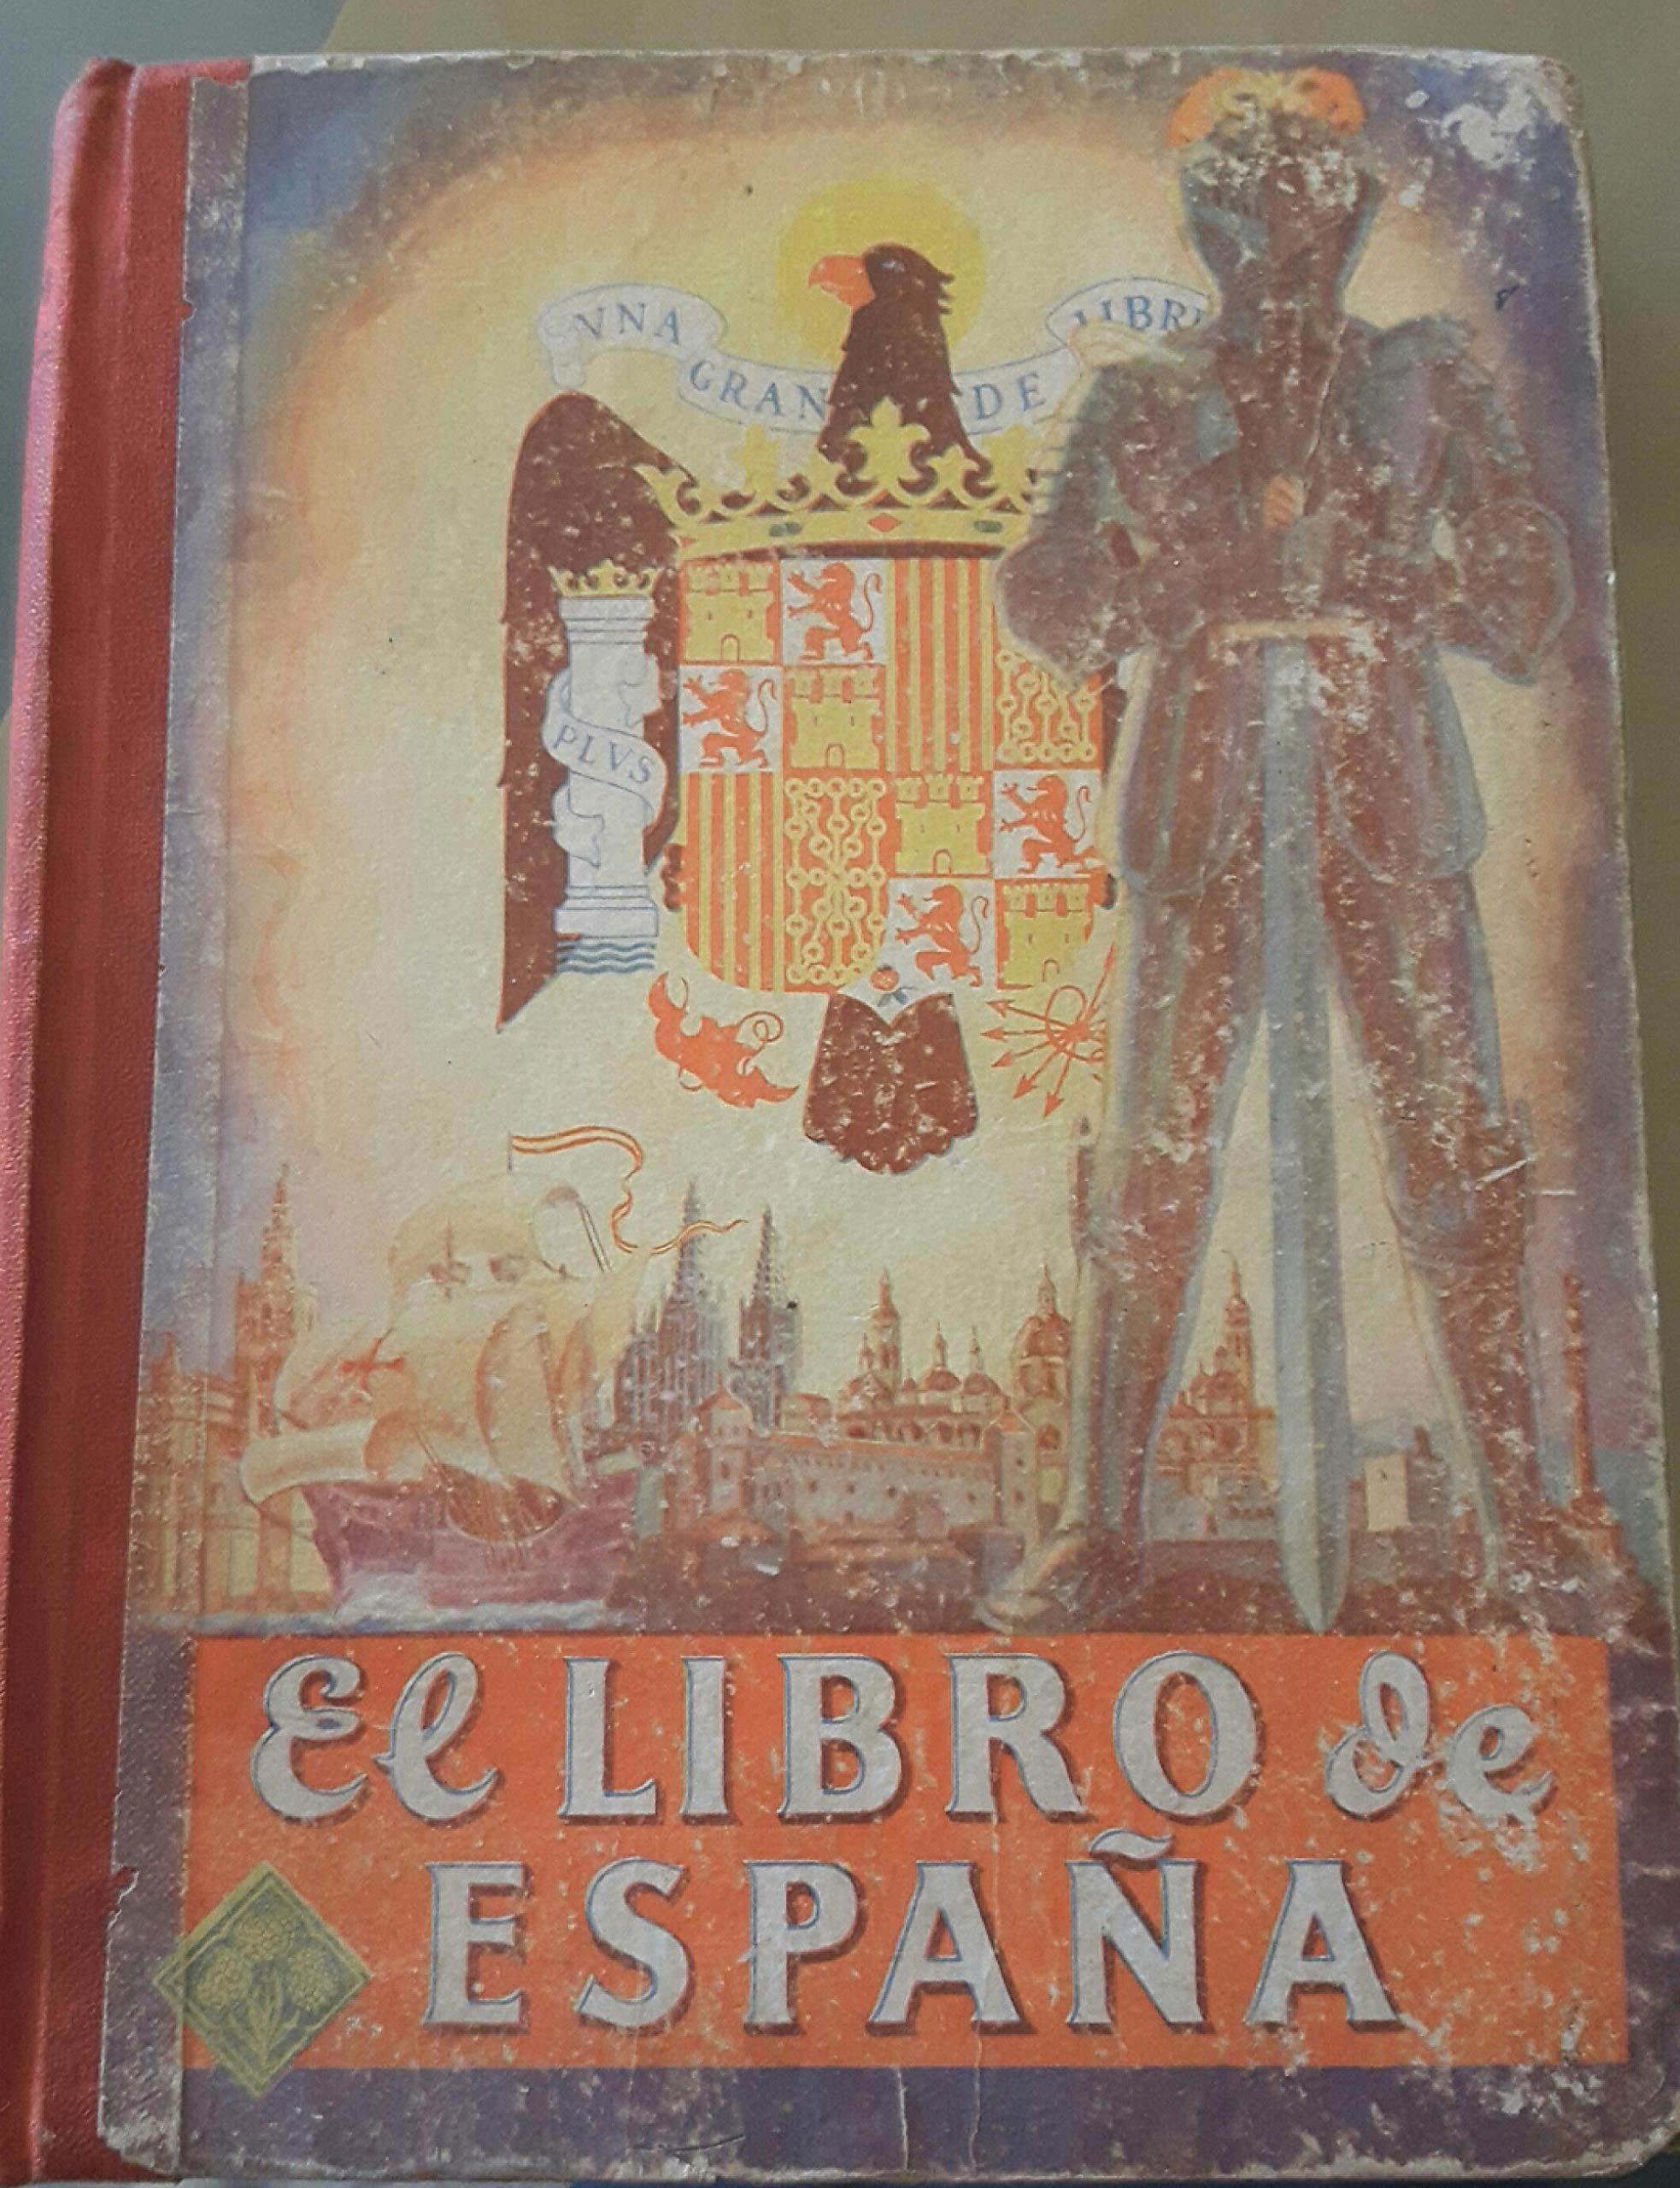 El libro de España: Amazon.es: Libros